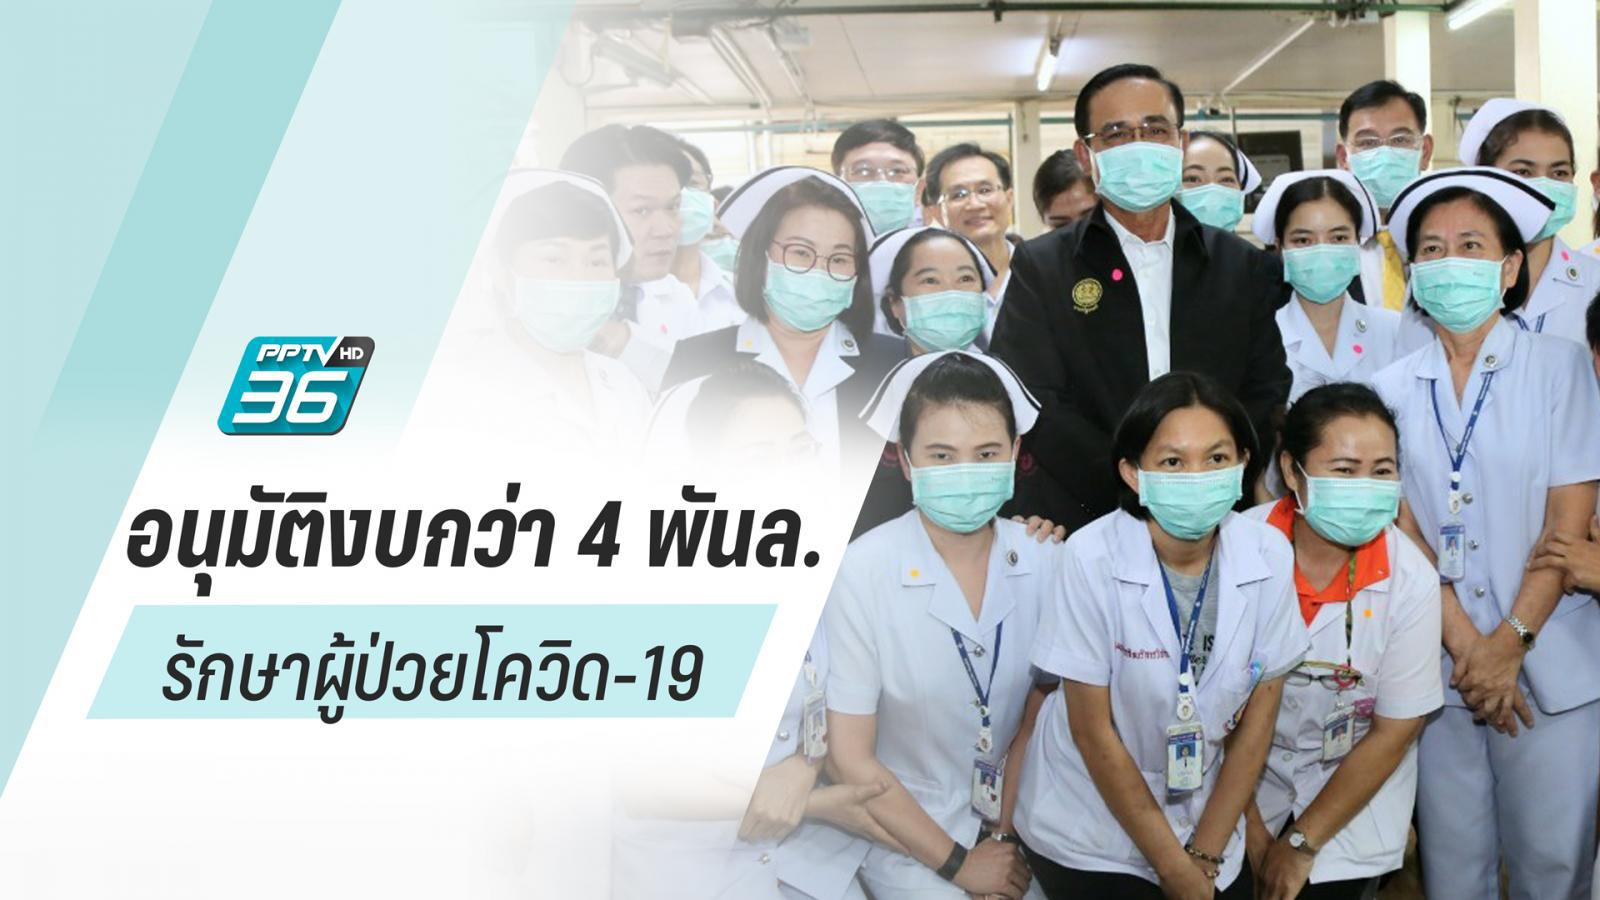 อนุมัติงบกว่า 4 พันล้าน ให้รพ.รักษาผู้ป่วยโควิด-19 สิทธิบัตรทอง